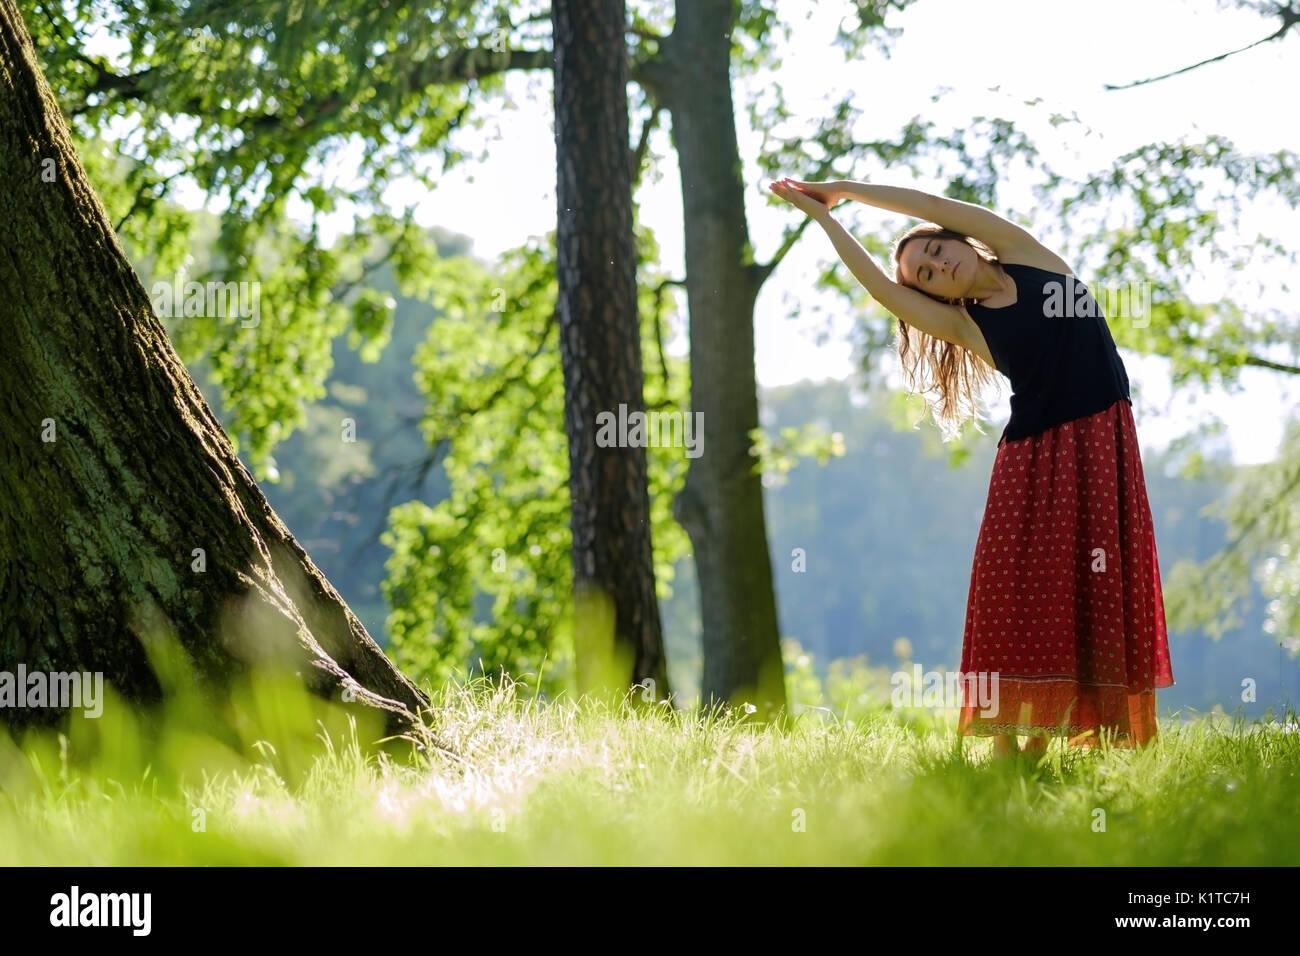 Mujeres jóvenes y atractivas en la falda roja es practicar el yoga y hacer asana en la mañana. Imagen De Stock